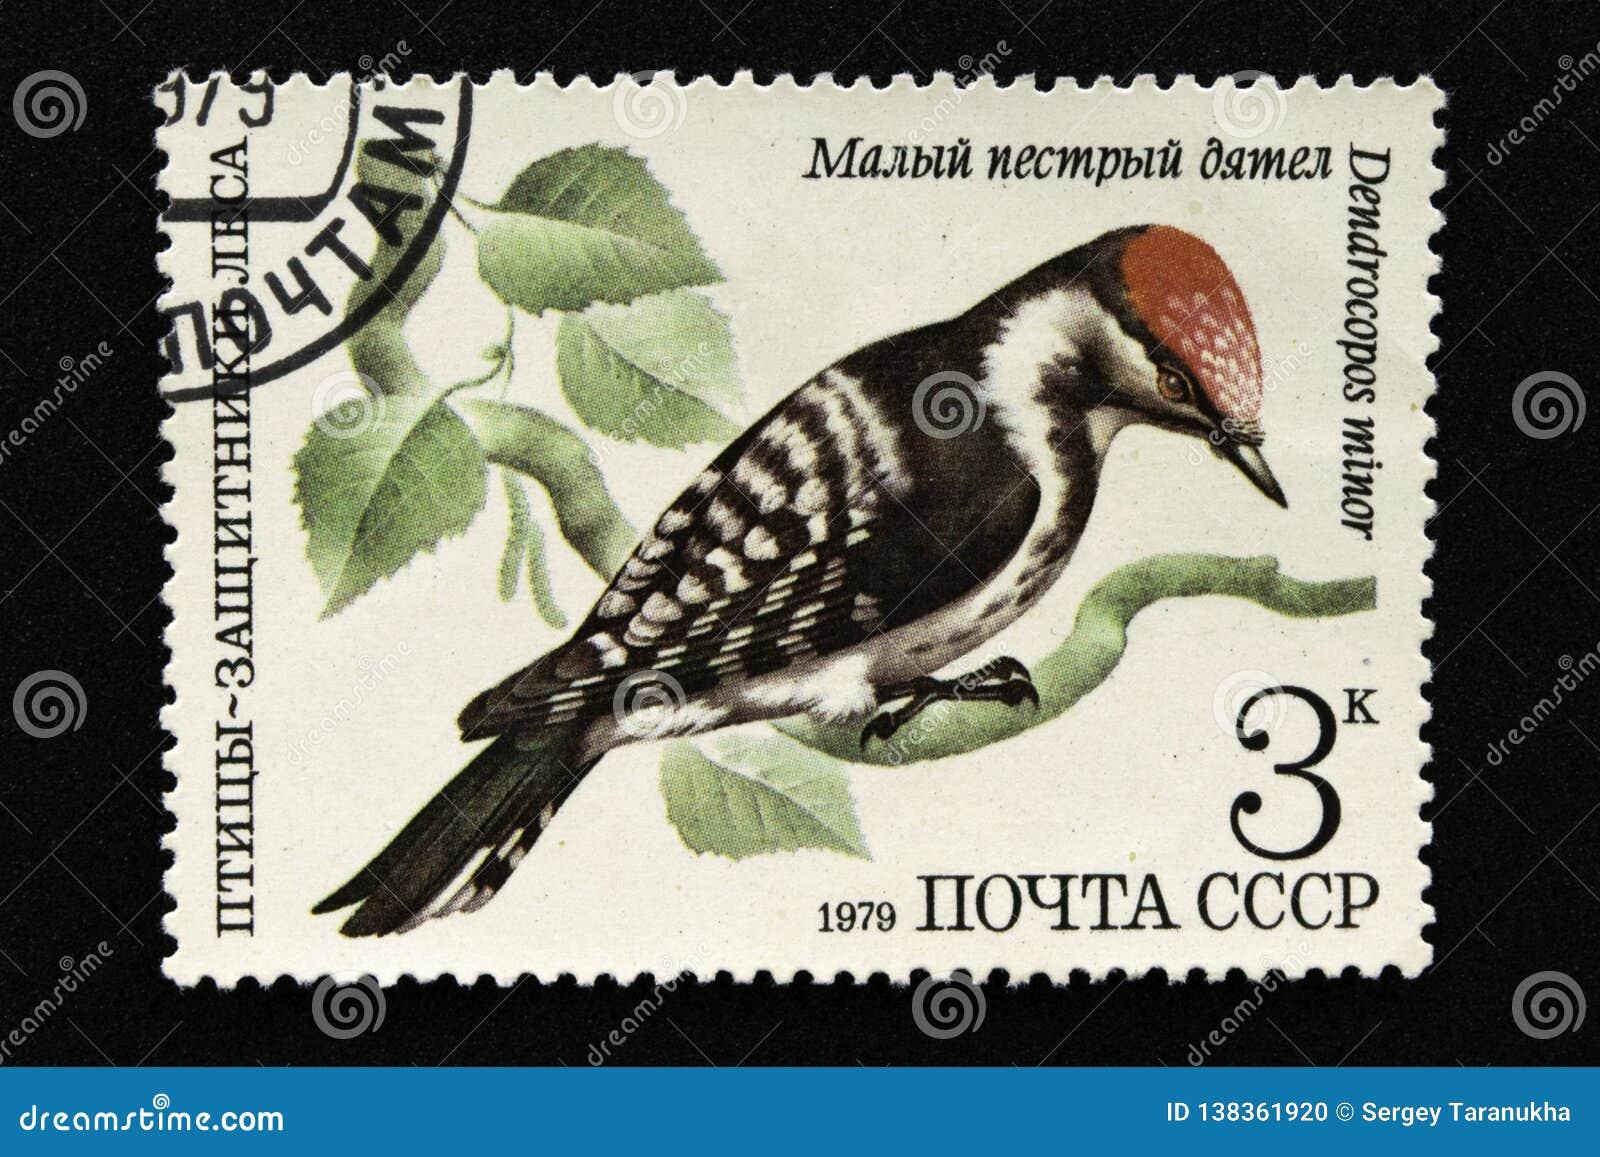 Печать почтового сбора СССР, серия - птицы - демонстранты леса, 1979